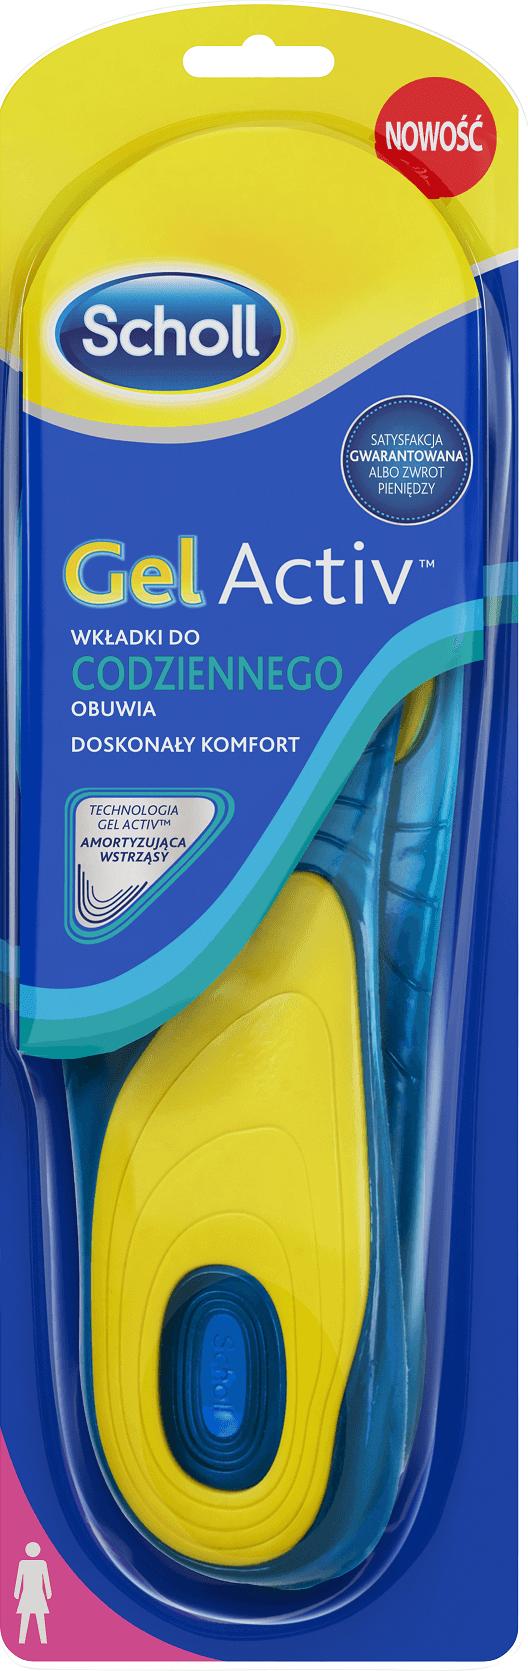 Scholl Wkładka GelActiv do codziennego obuwia damskie 38-42 1